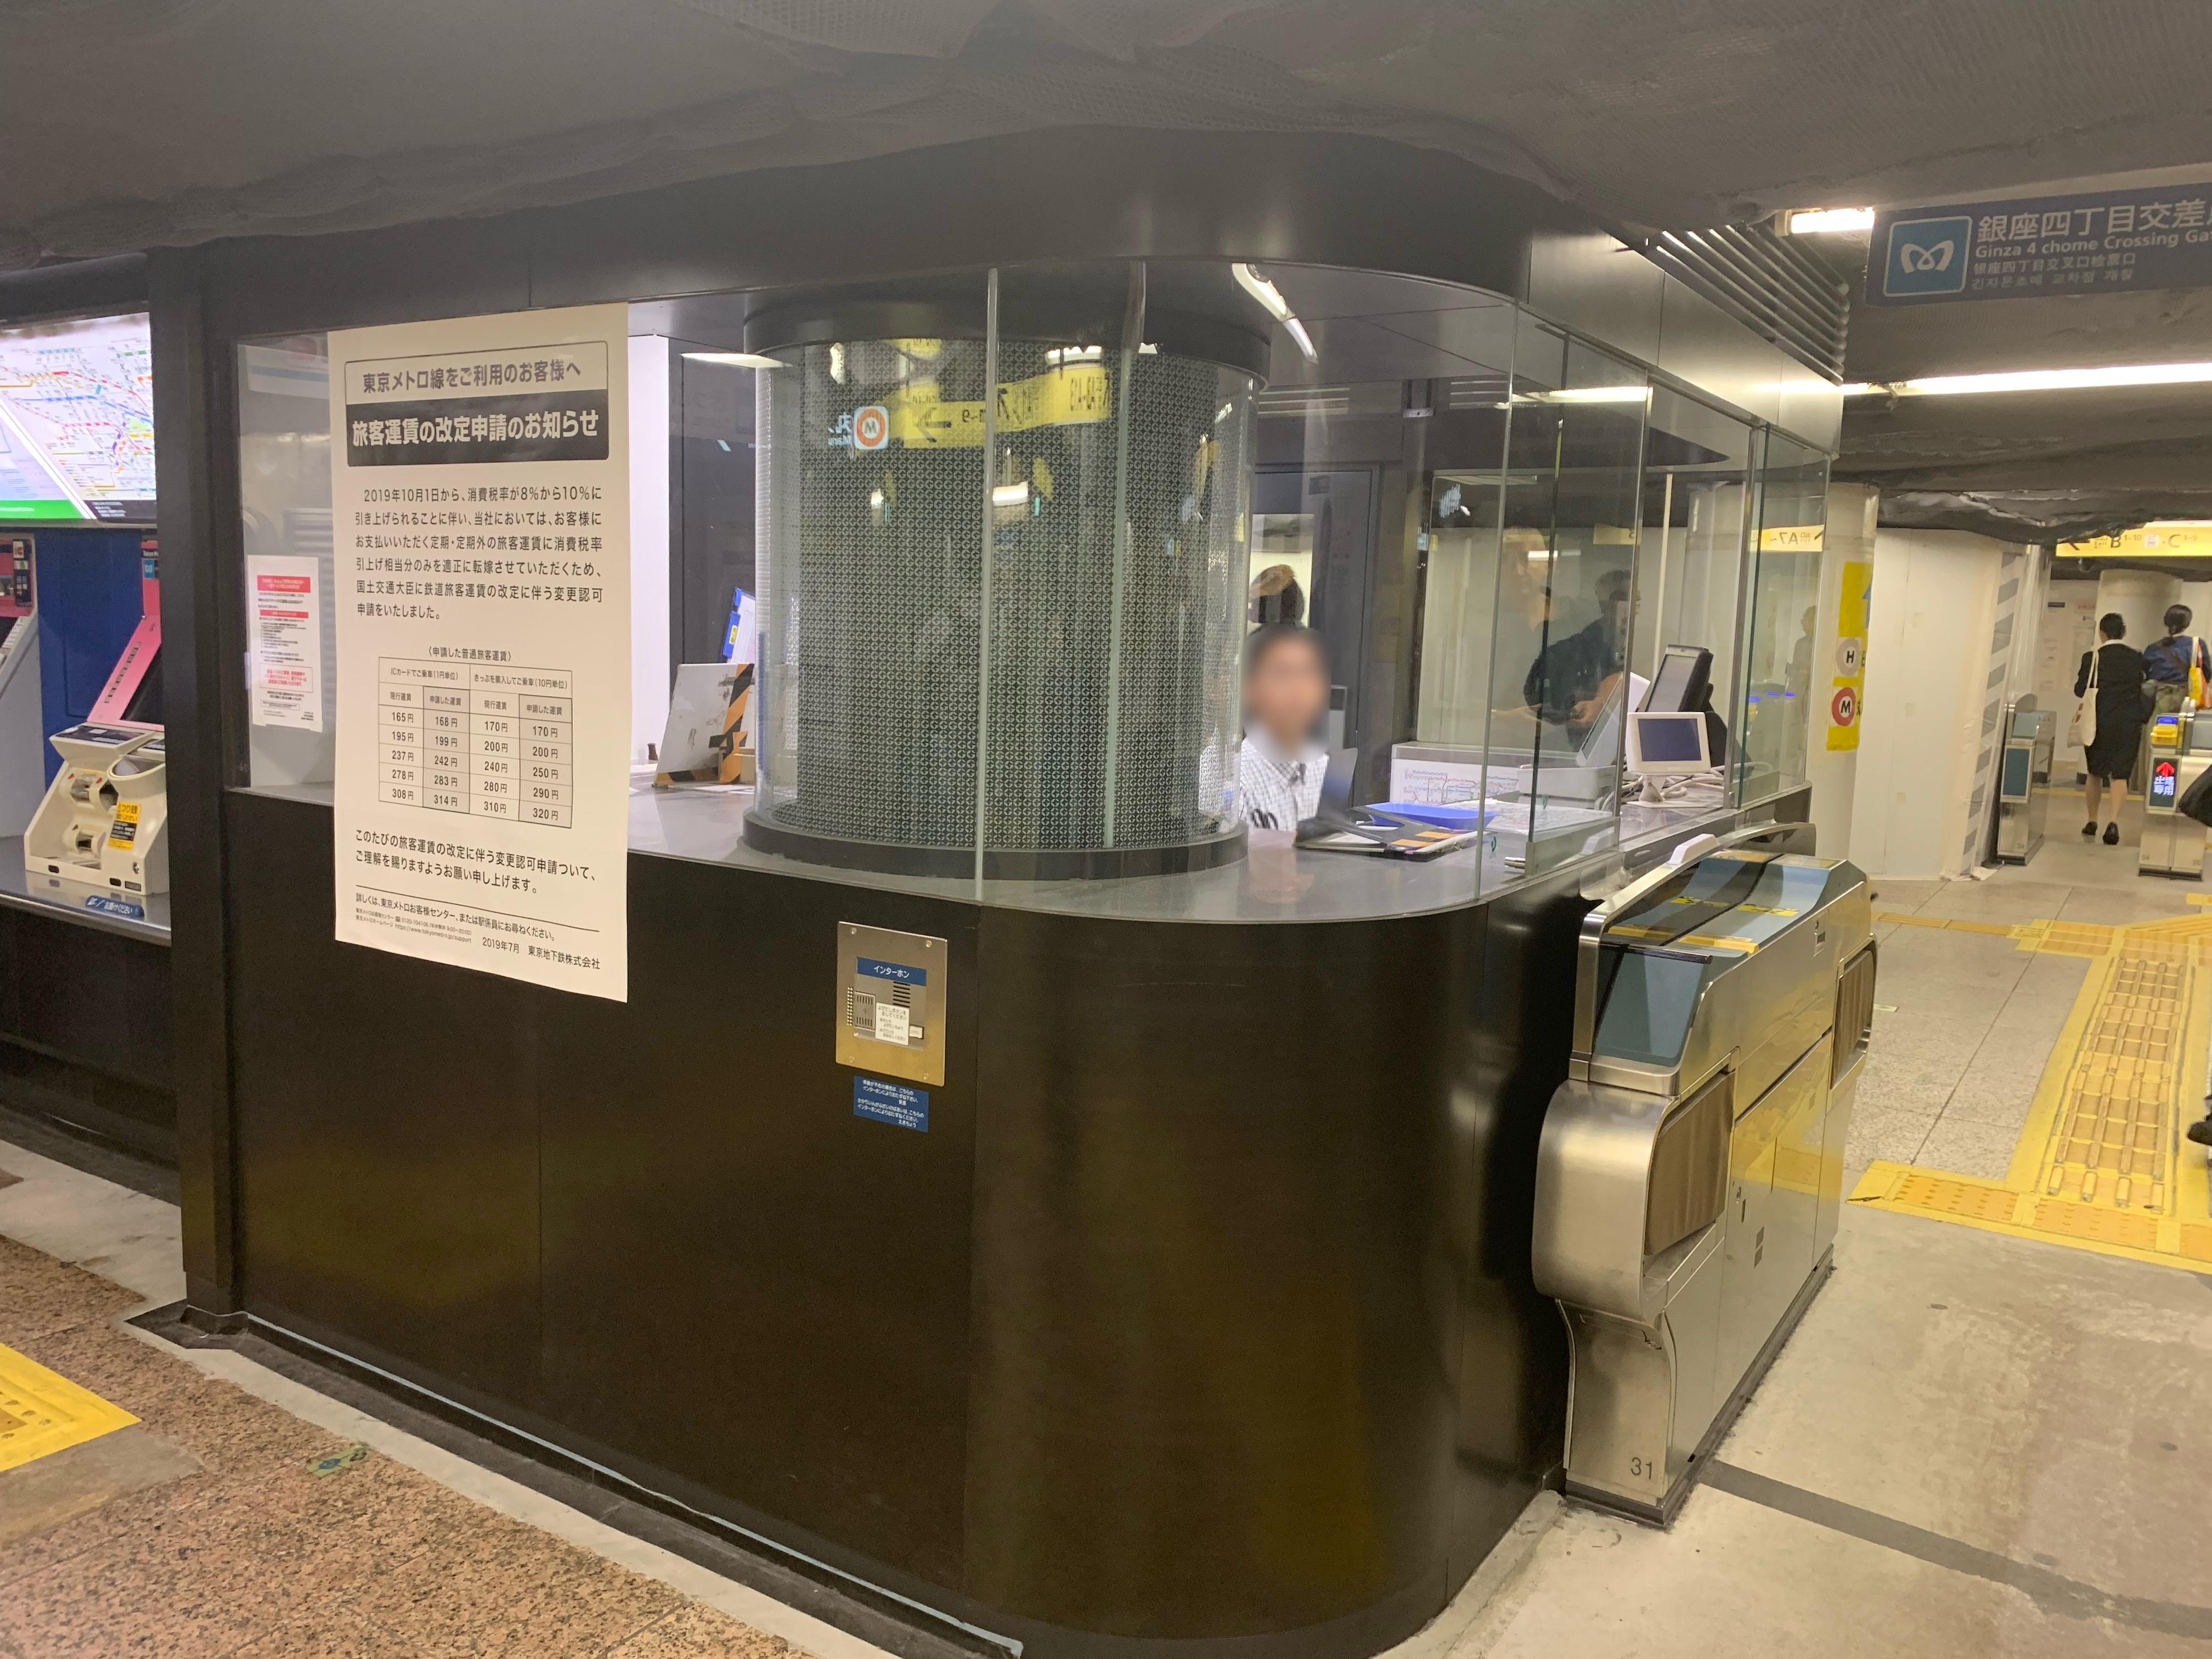 東京メトロ 銀座線改札インフォメーションカウンター